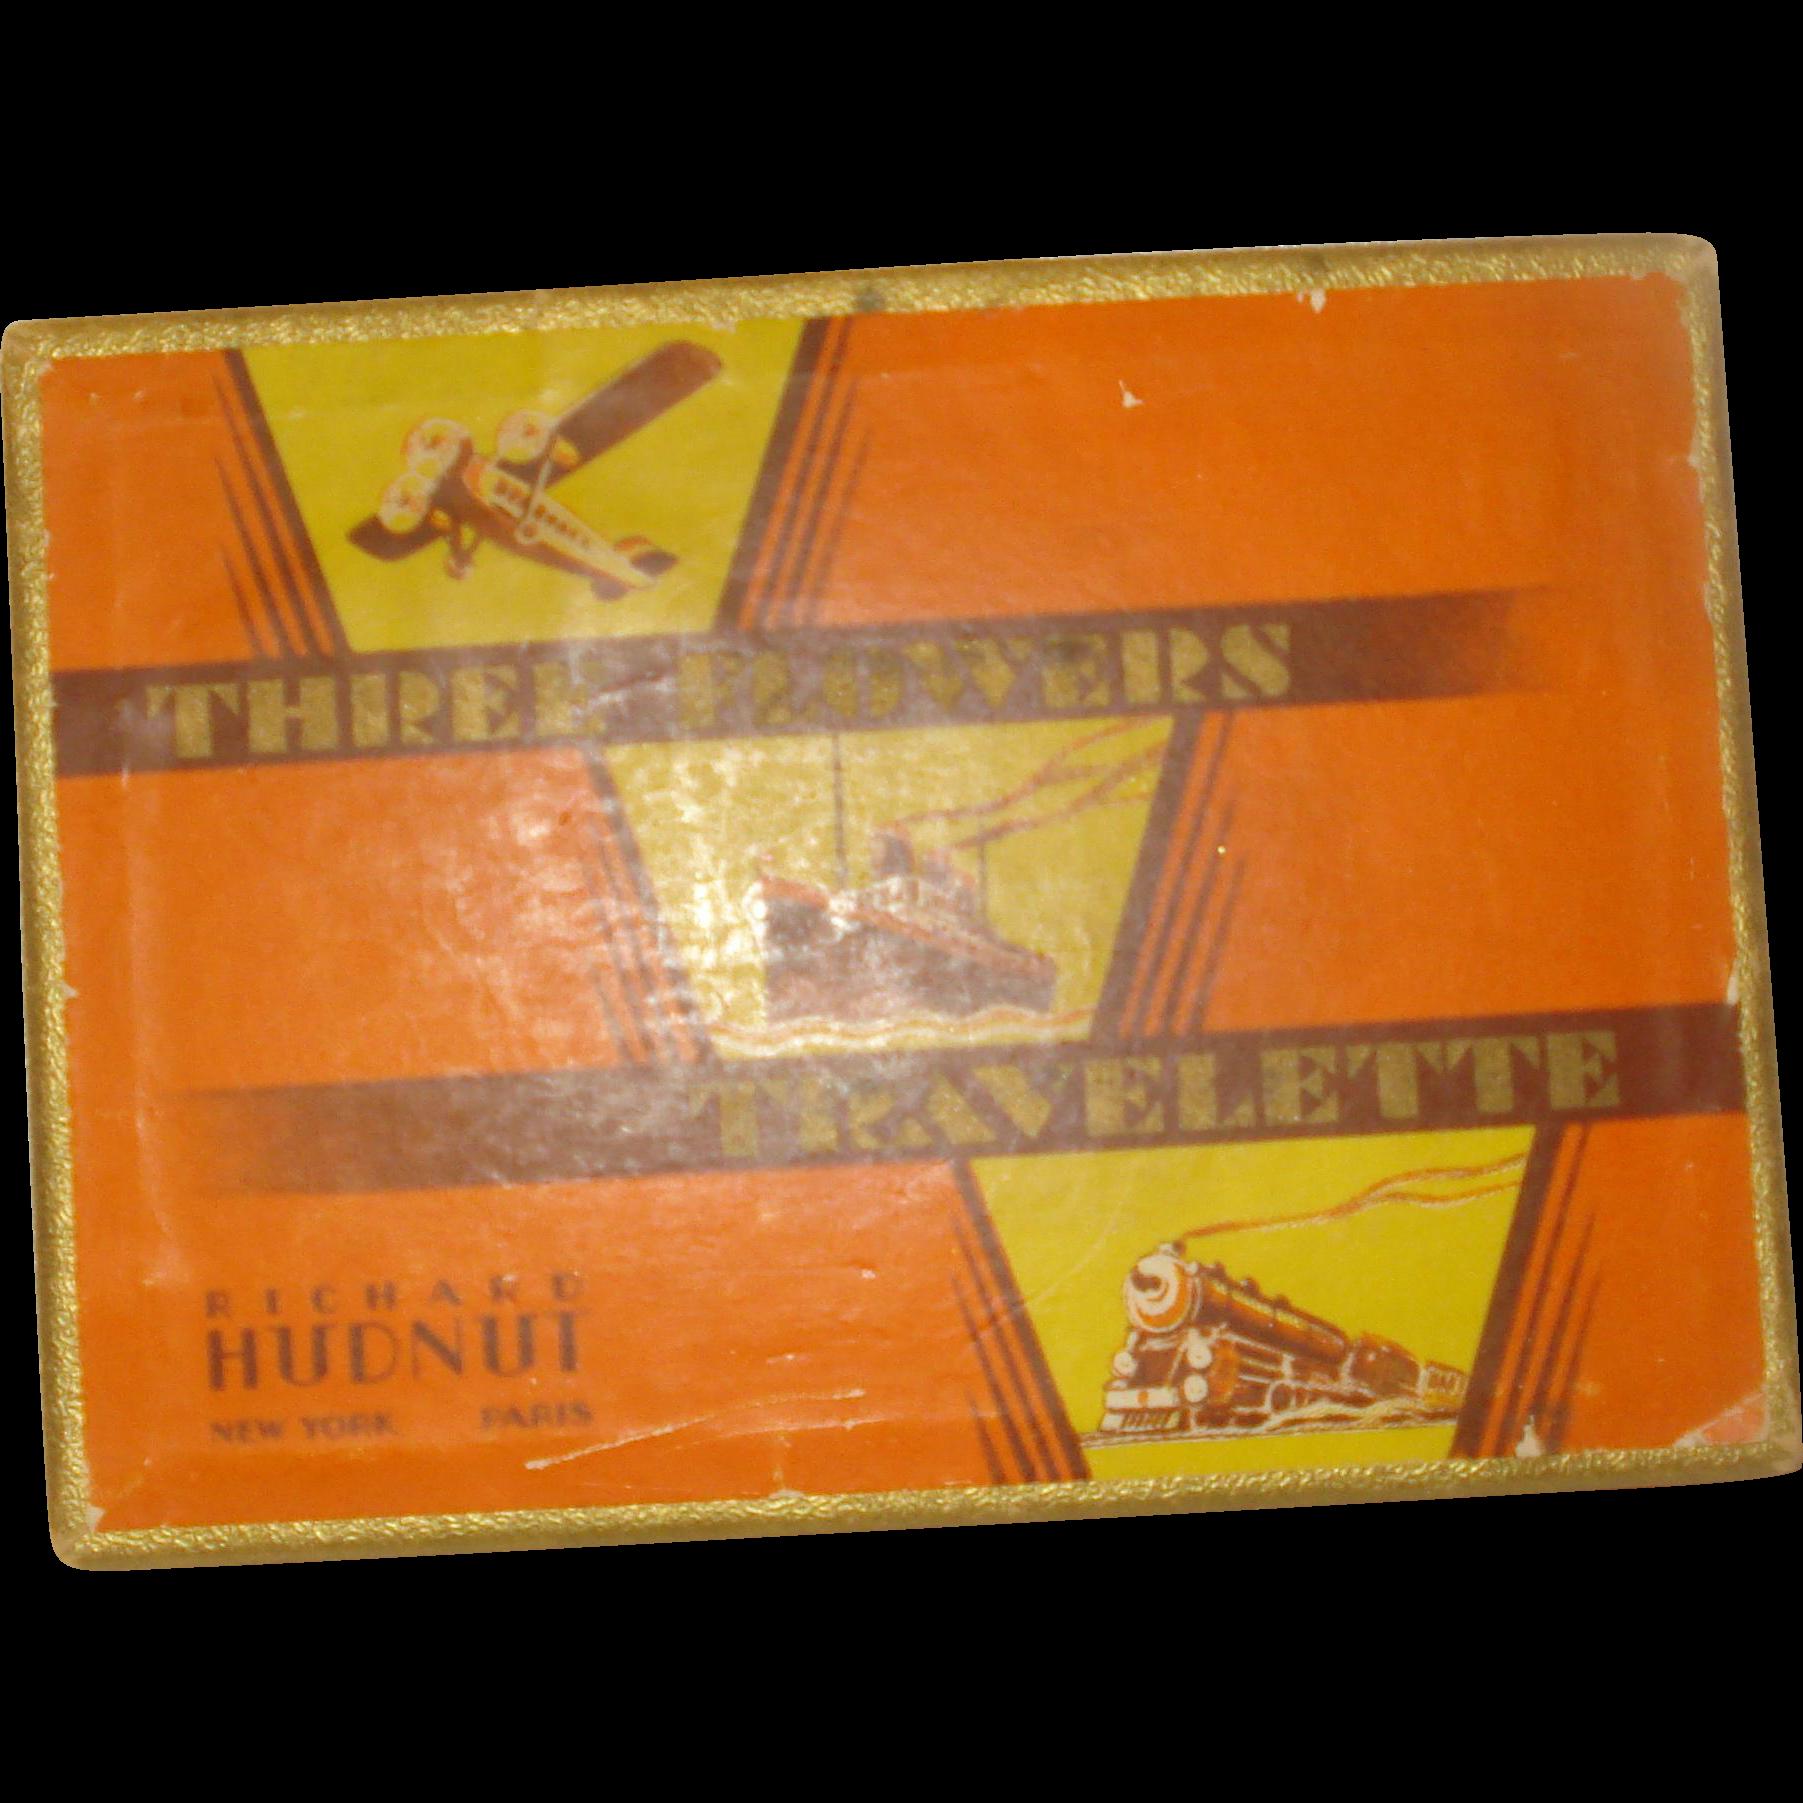 Vintage Richard Hudnut Three Flowers Travelette Perfume Box